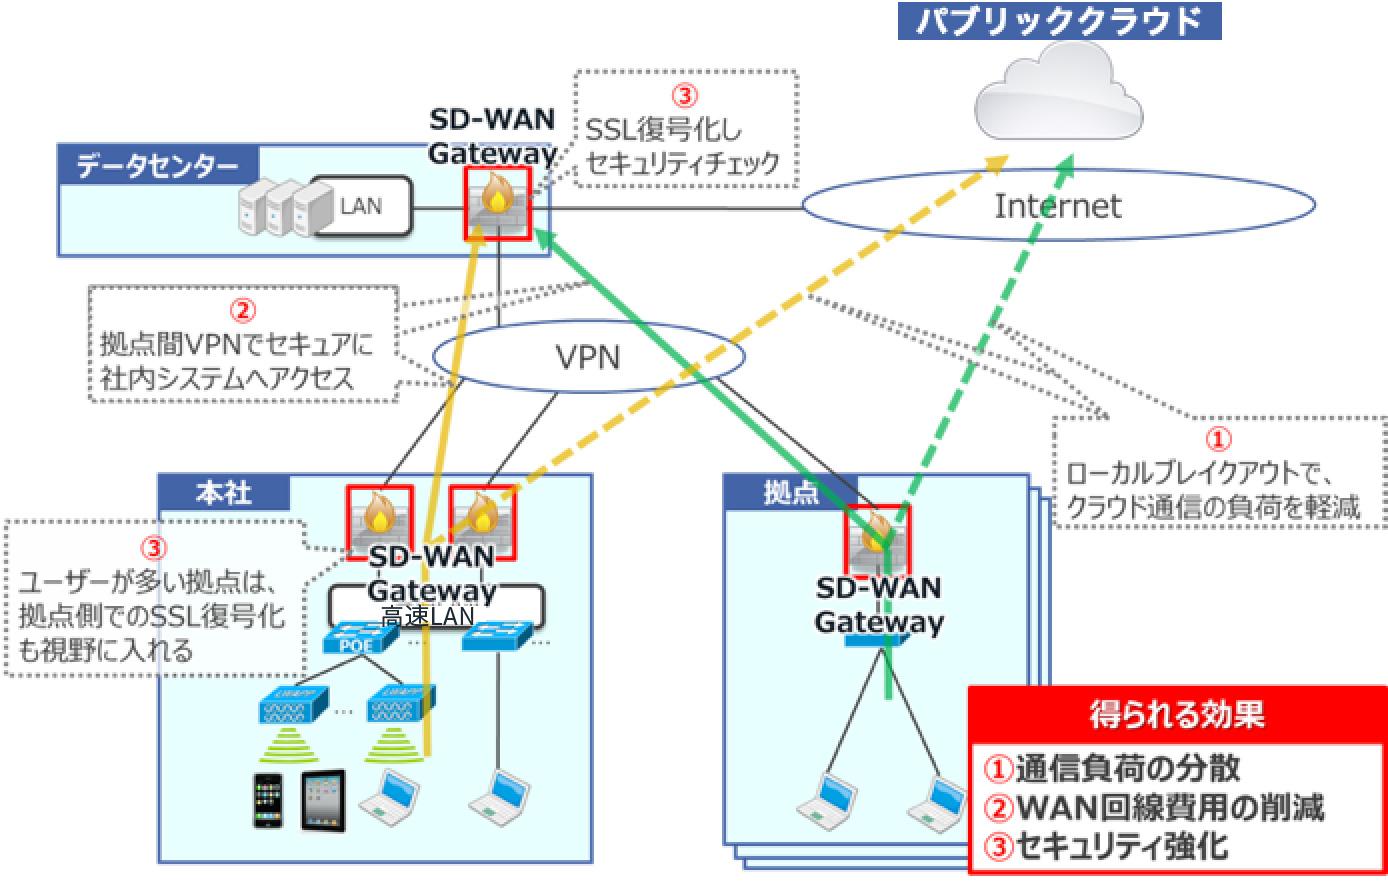 ①ローカルブレイクアウトでクラウド通信の負荷を軽減 ②拠点間VPNでセキュアに社内システムへアクセス ③SSL復号化しセキュリティチェック ④ユーザーが多い拠点は拠点側でのSSL復号化も視野に入れる 得られる効果:①通信負荷の分散 ②WAN回線費用の削減 ③セキュリティ強化